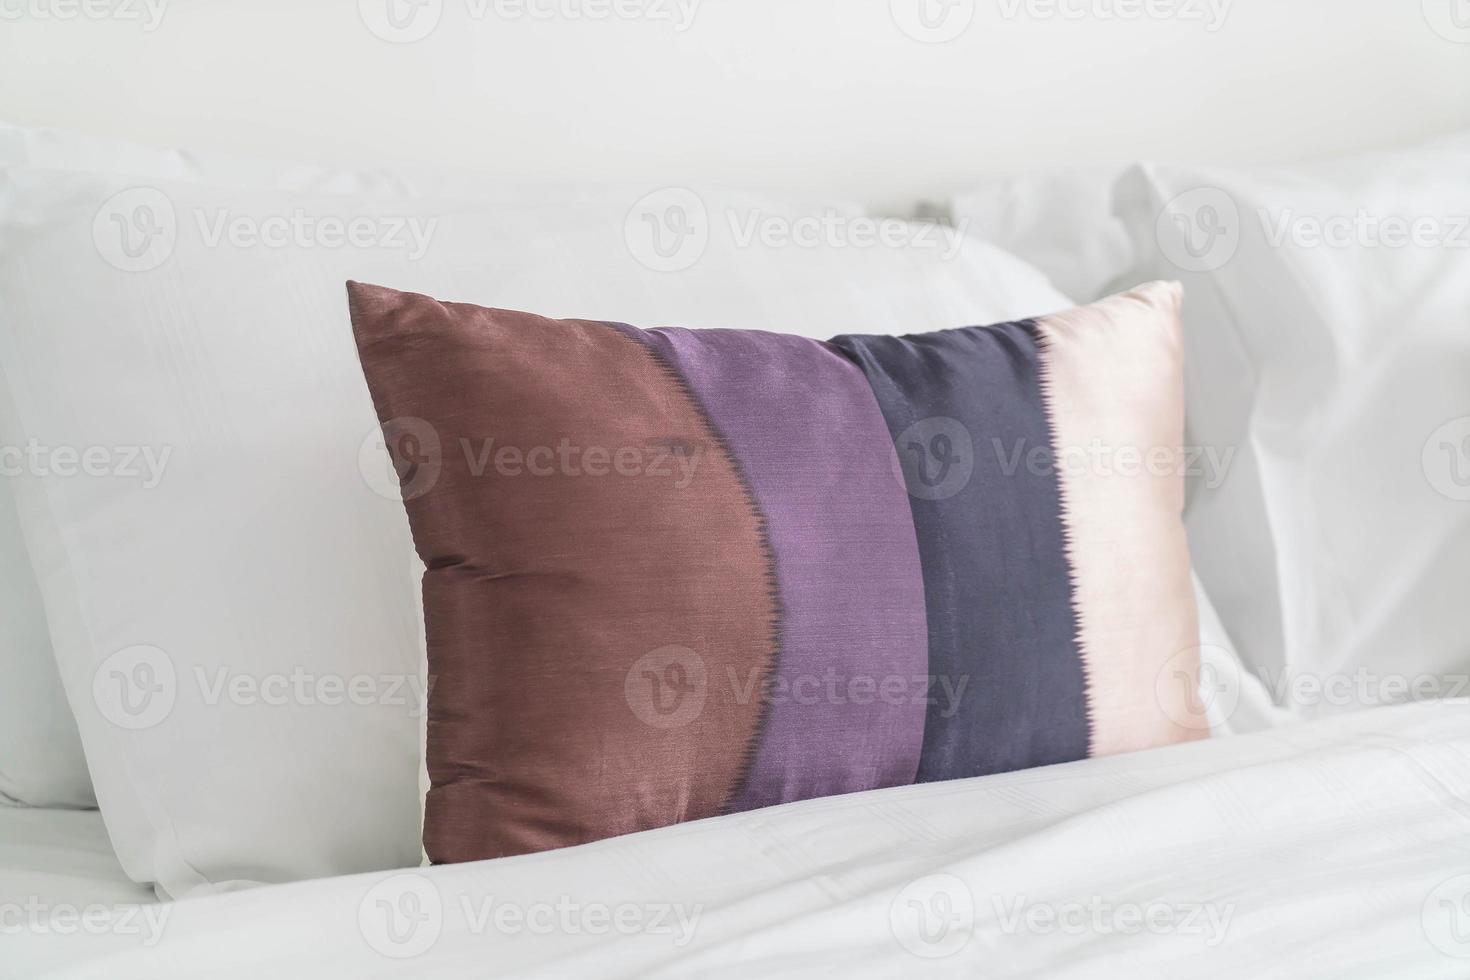 decoração de travesseiro na cama no interior do quarto foto